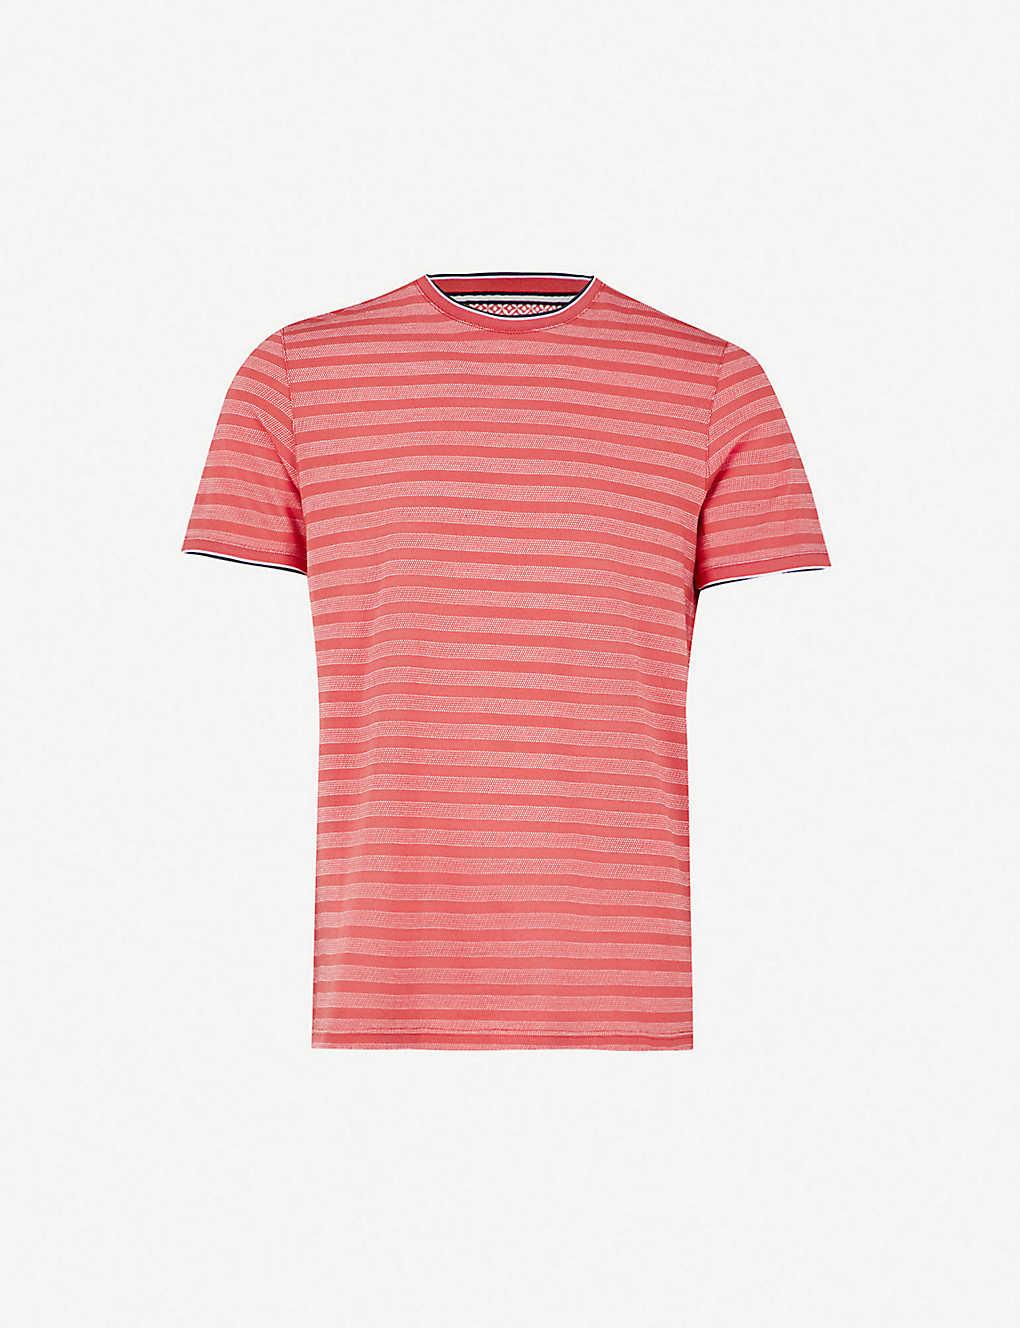 c1fd3929 TED BAKER - Bullway Birdseye striped cotton T-shirt | Selfridges.com